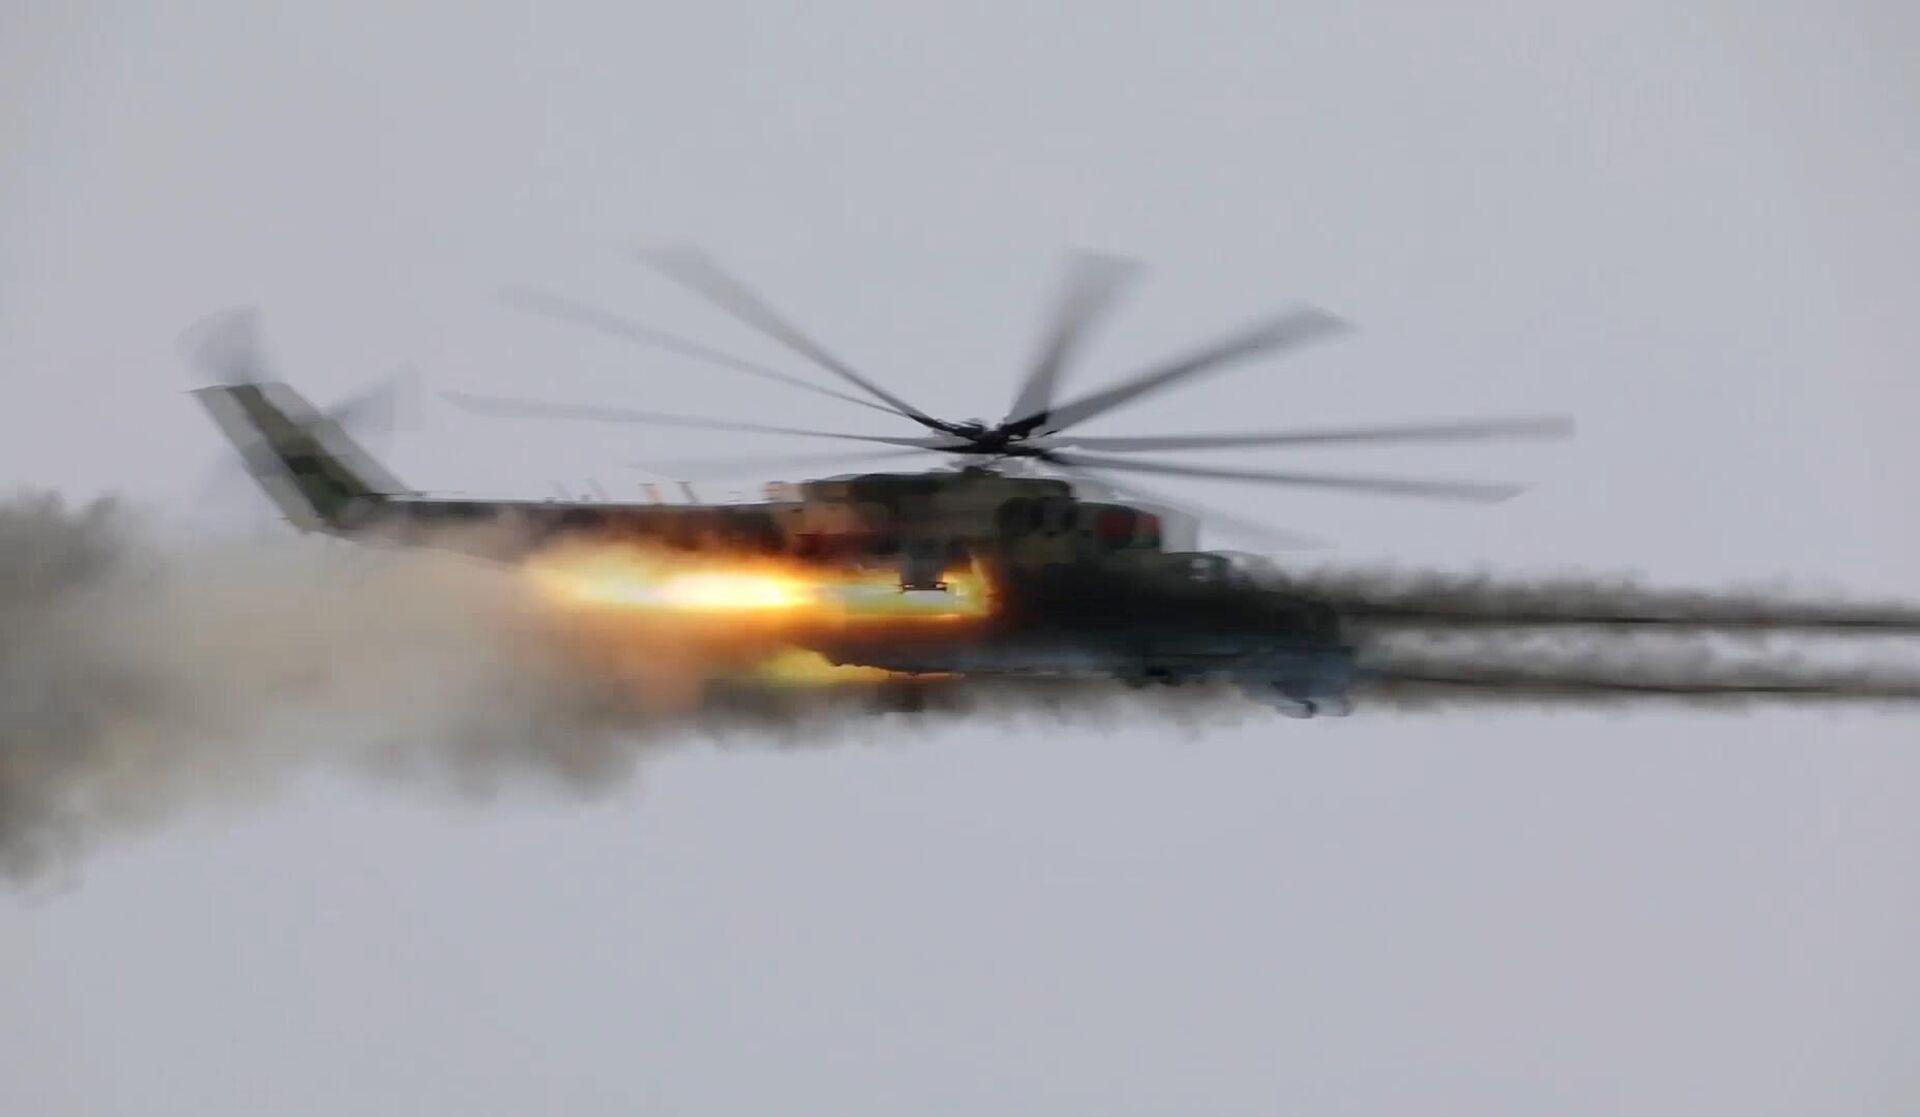 Ударный вертолёт Ми-24 во время контрольной проверки боеготовности ВКС России - РИА Новости, 1920, 26.04.2021